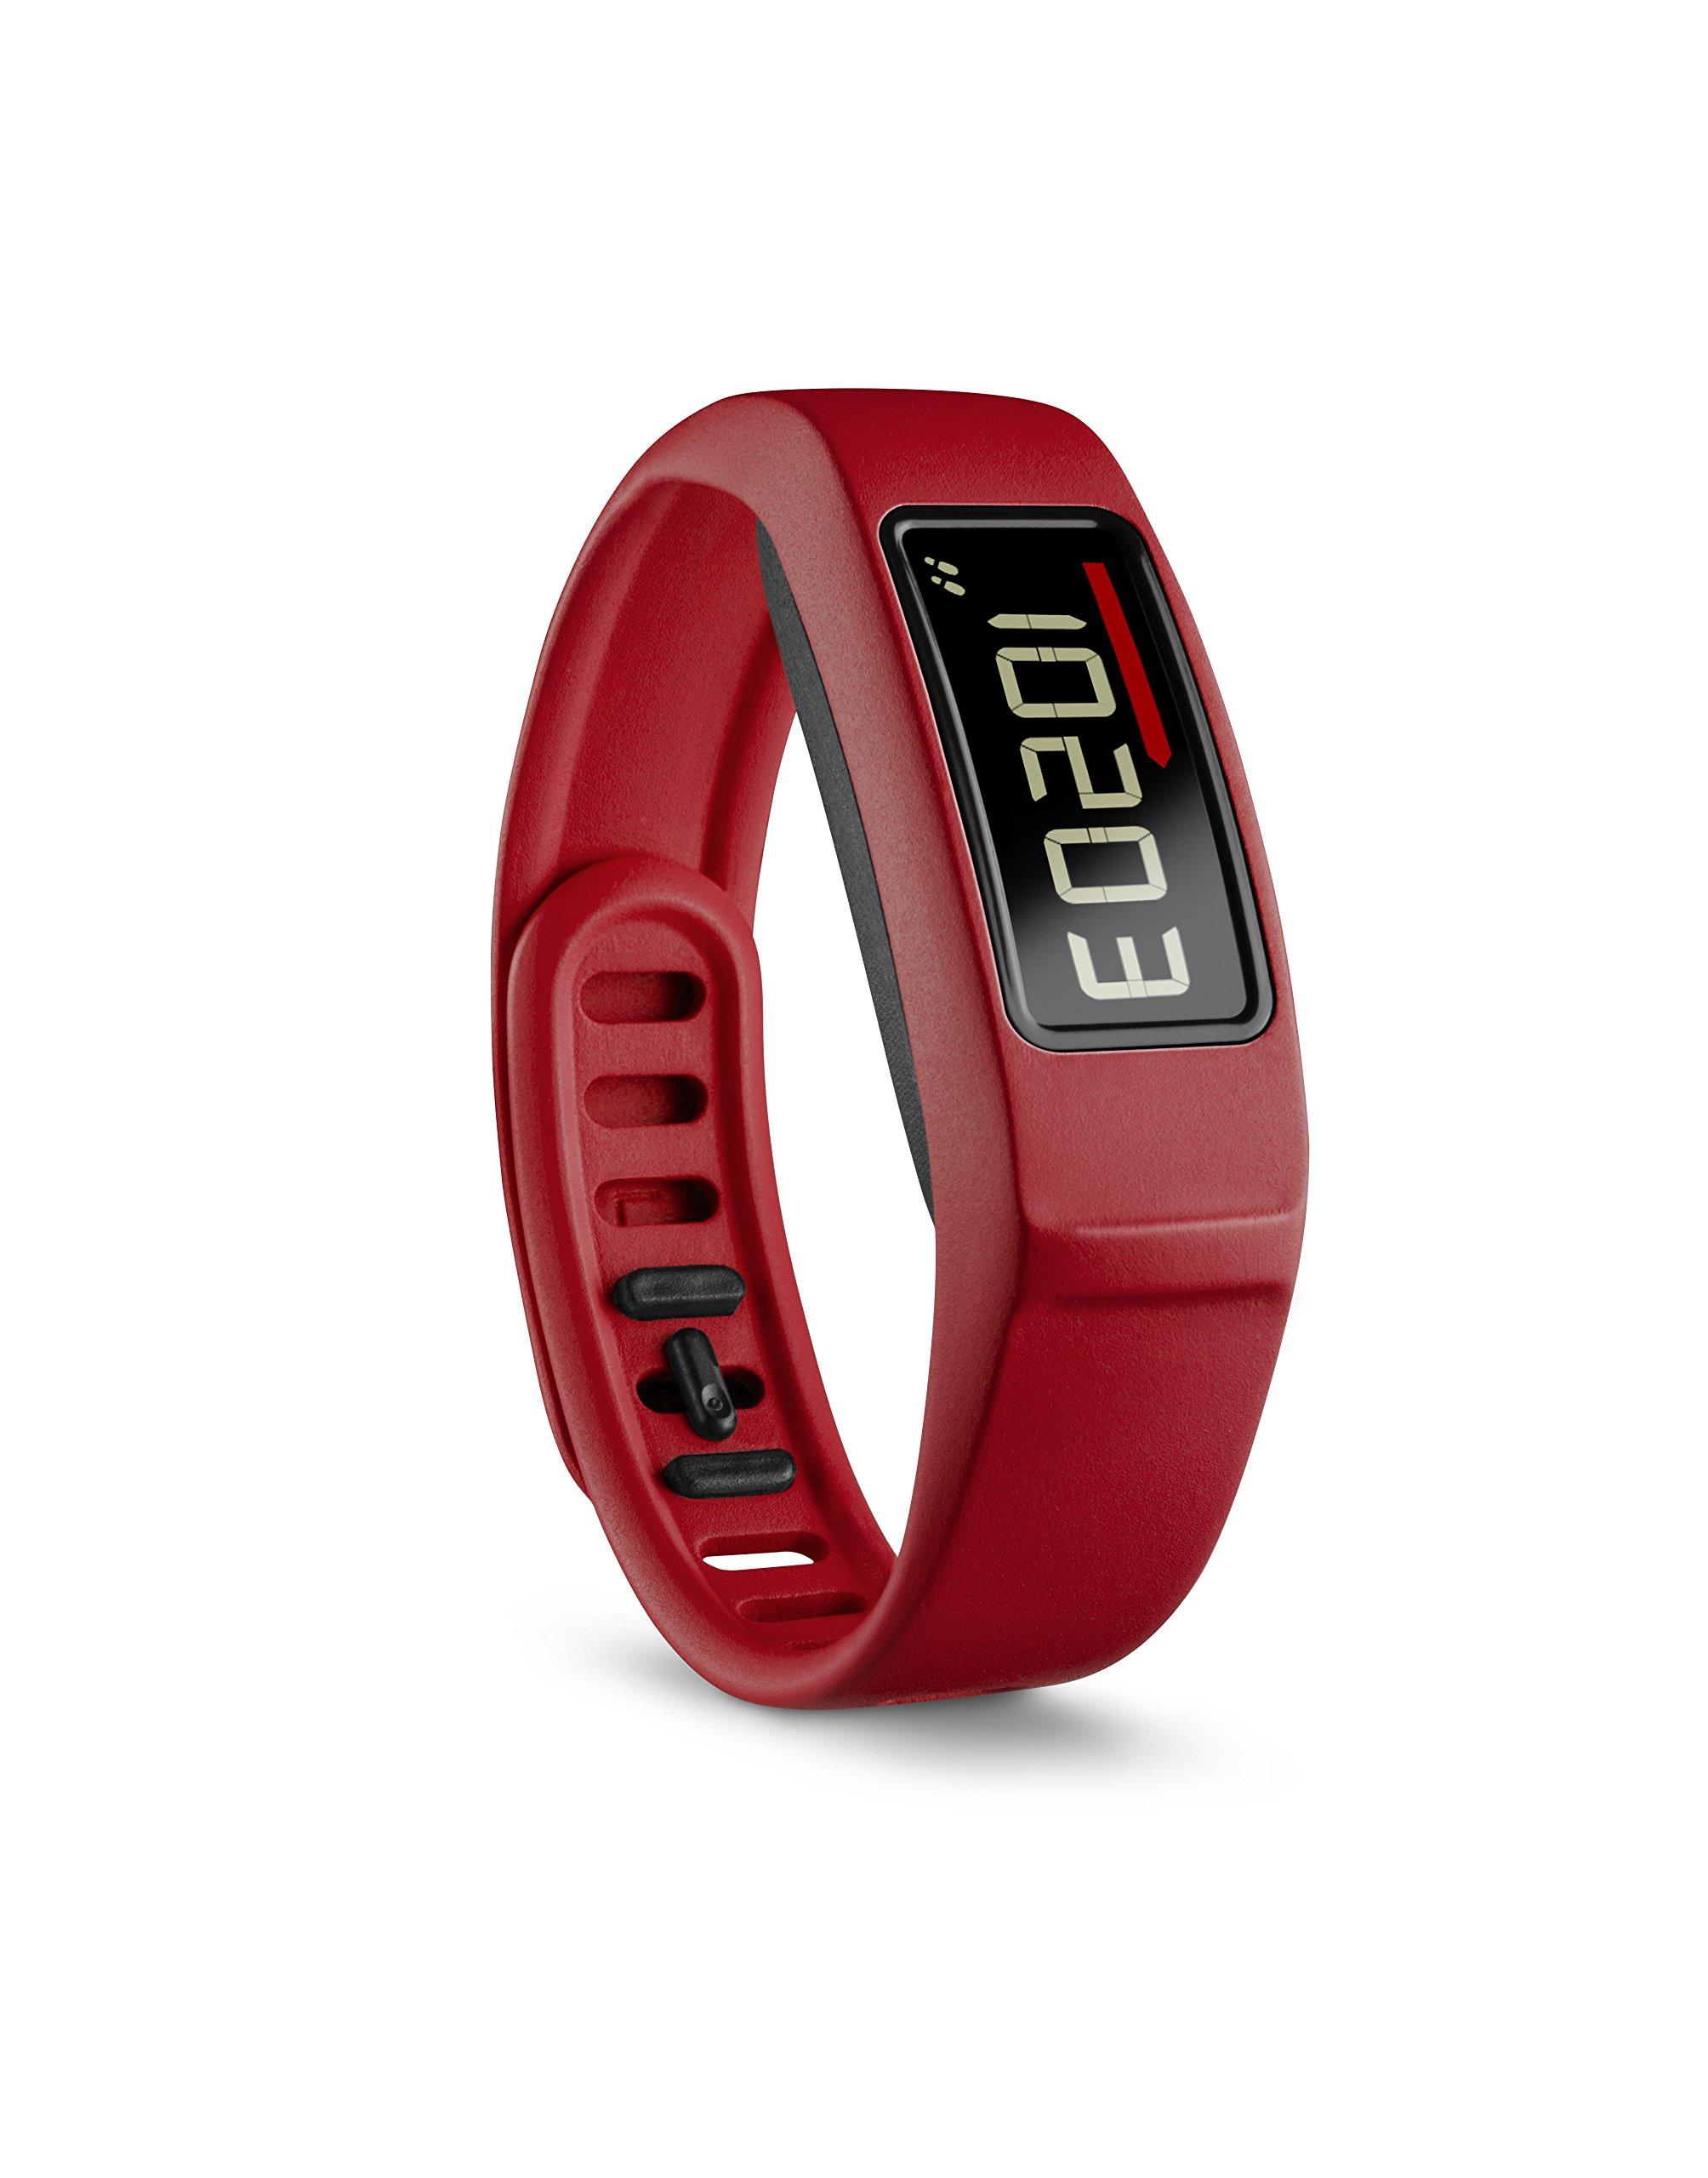 Garmin vivofit 2 Activity Tracker, Red by Garmin